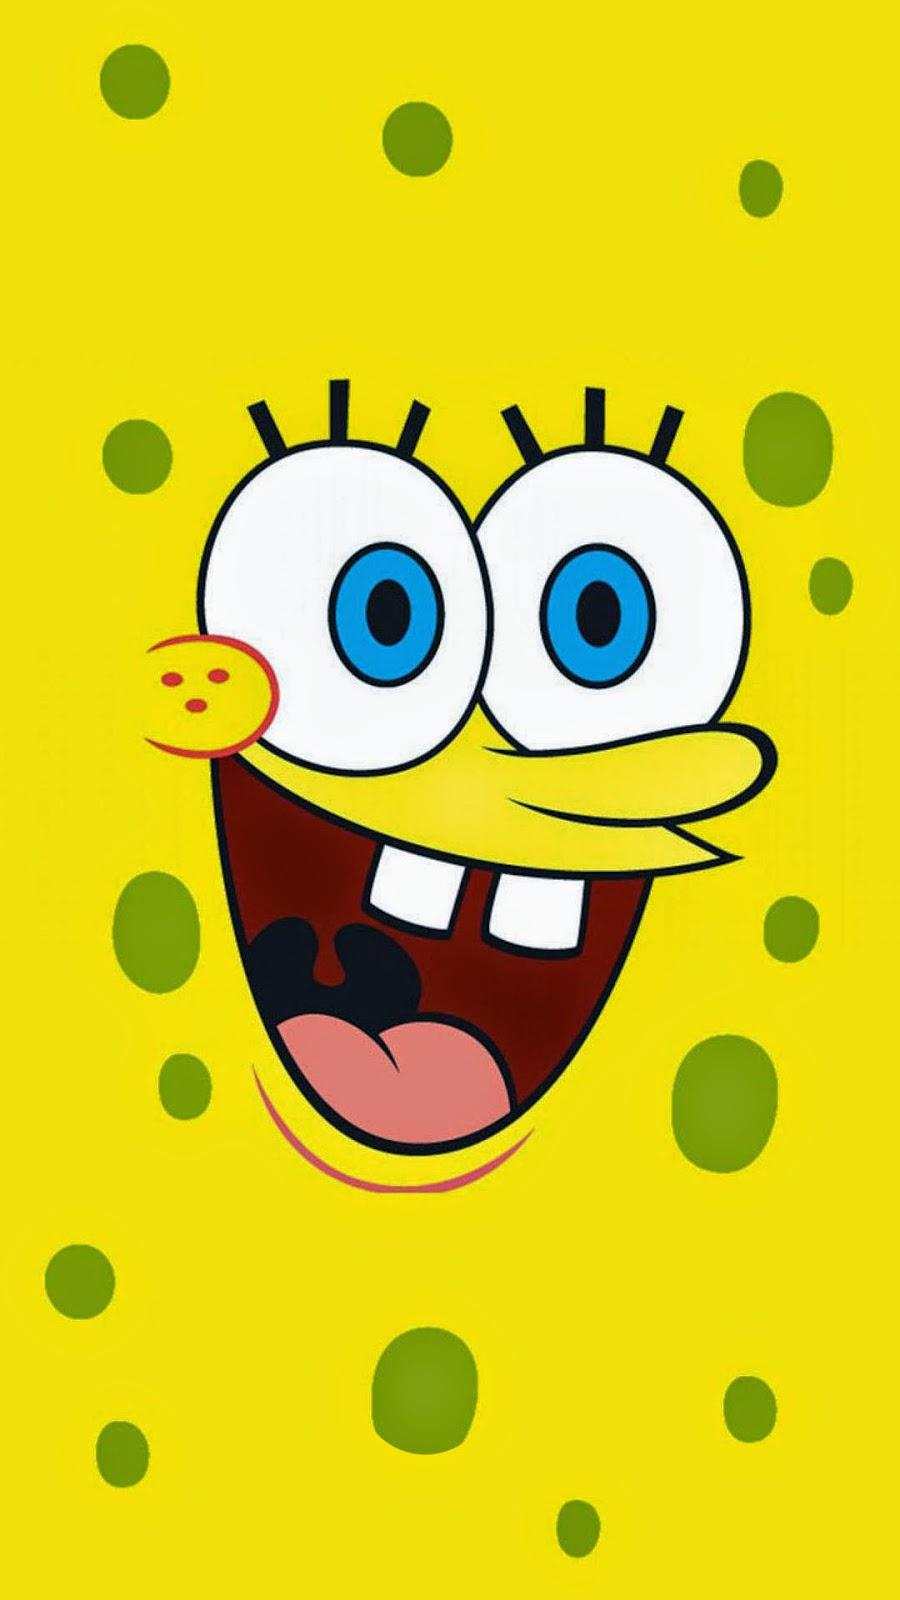 iPhone Wallpaper Spongebob Squarepants